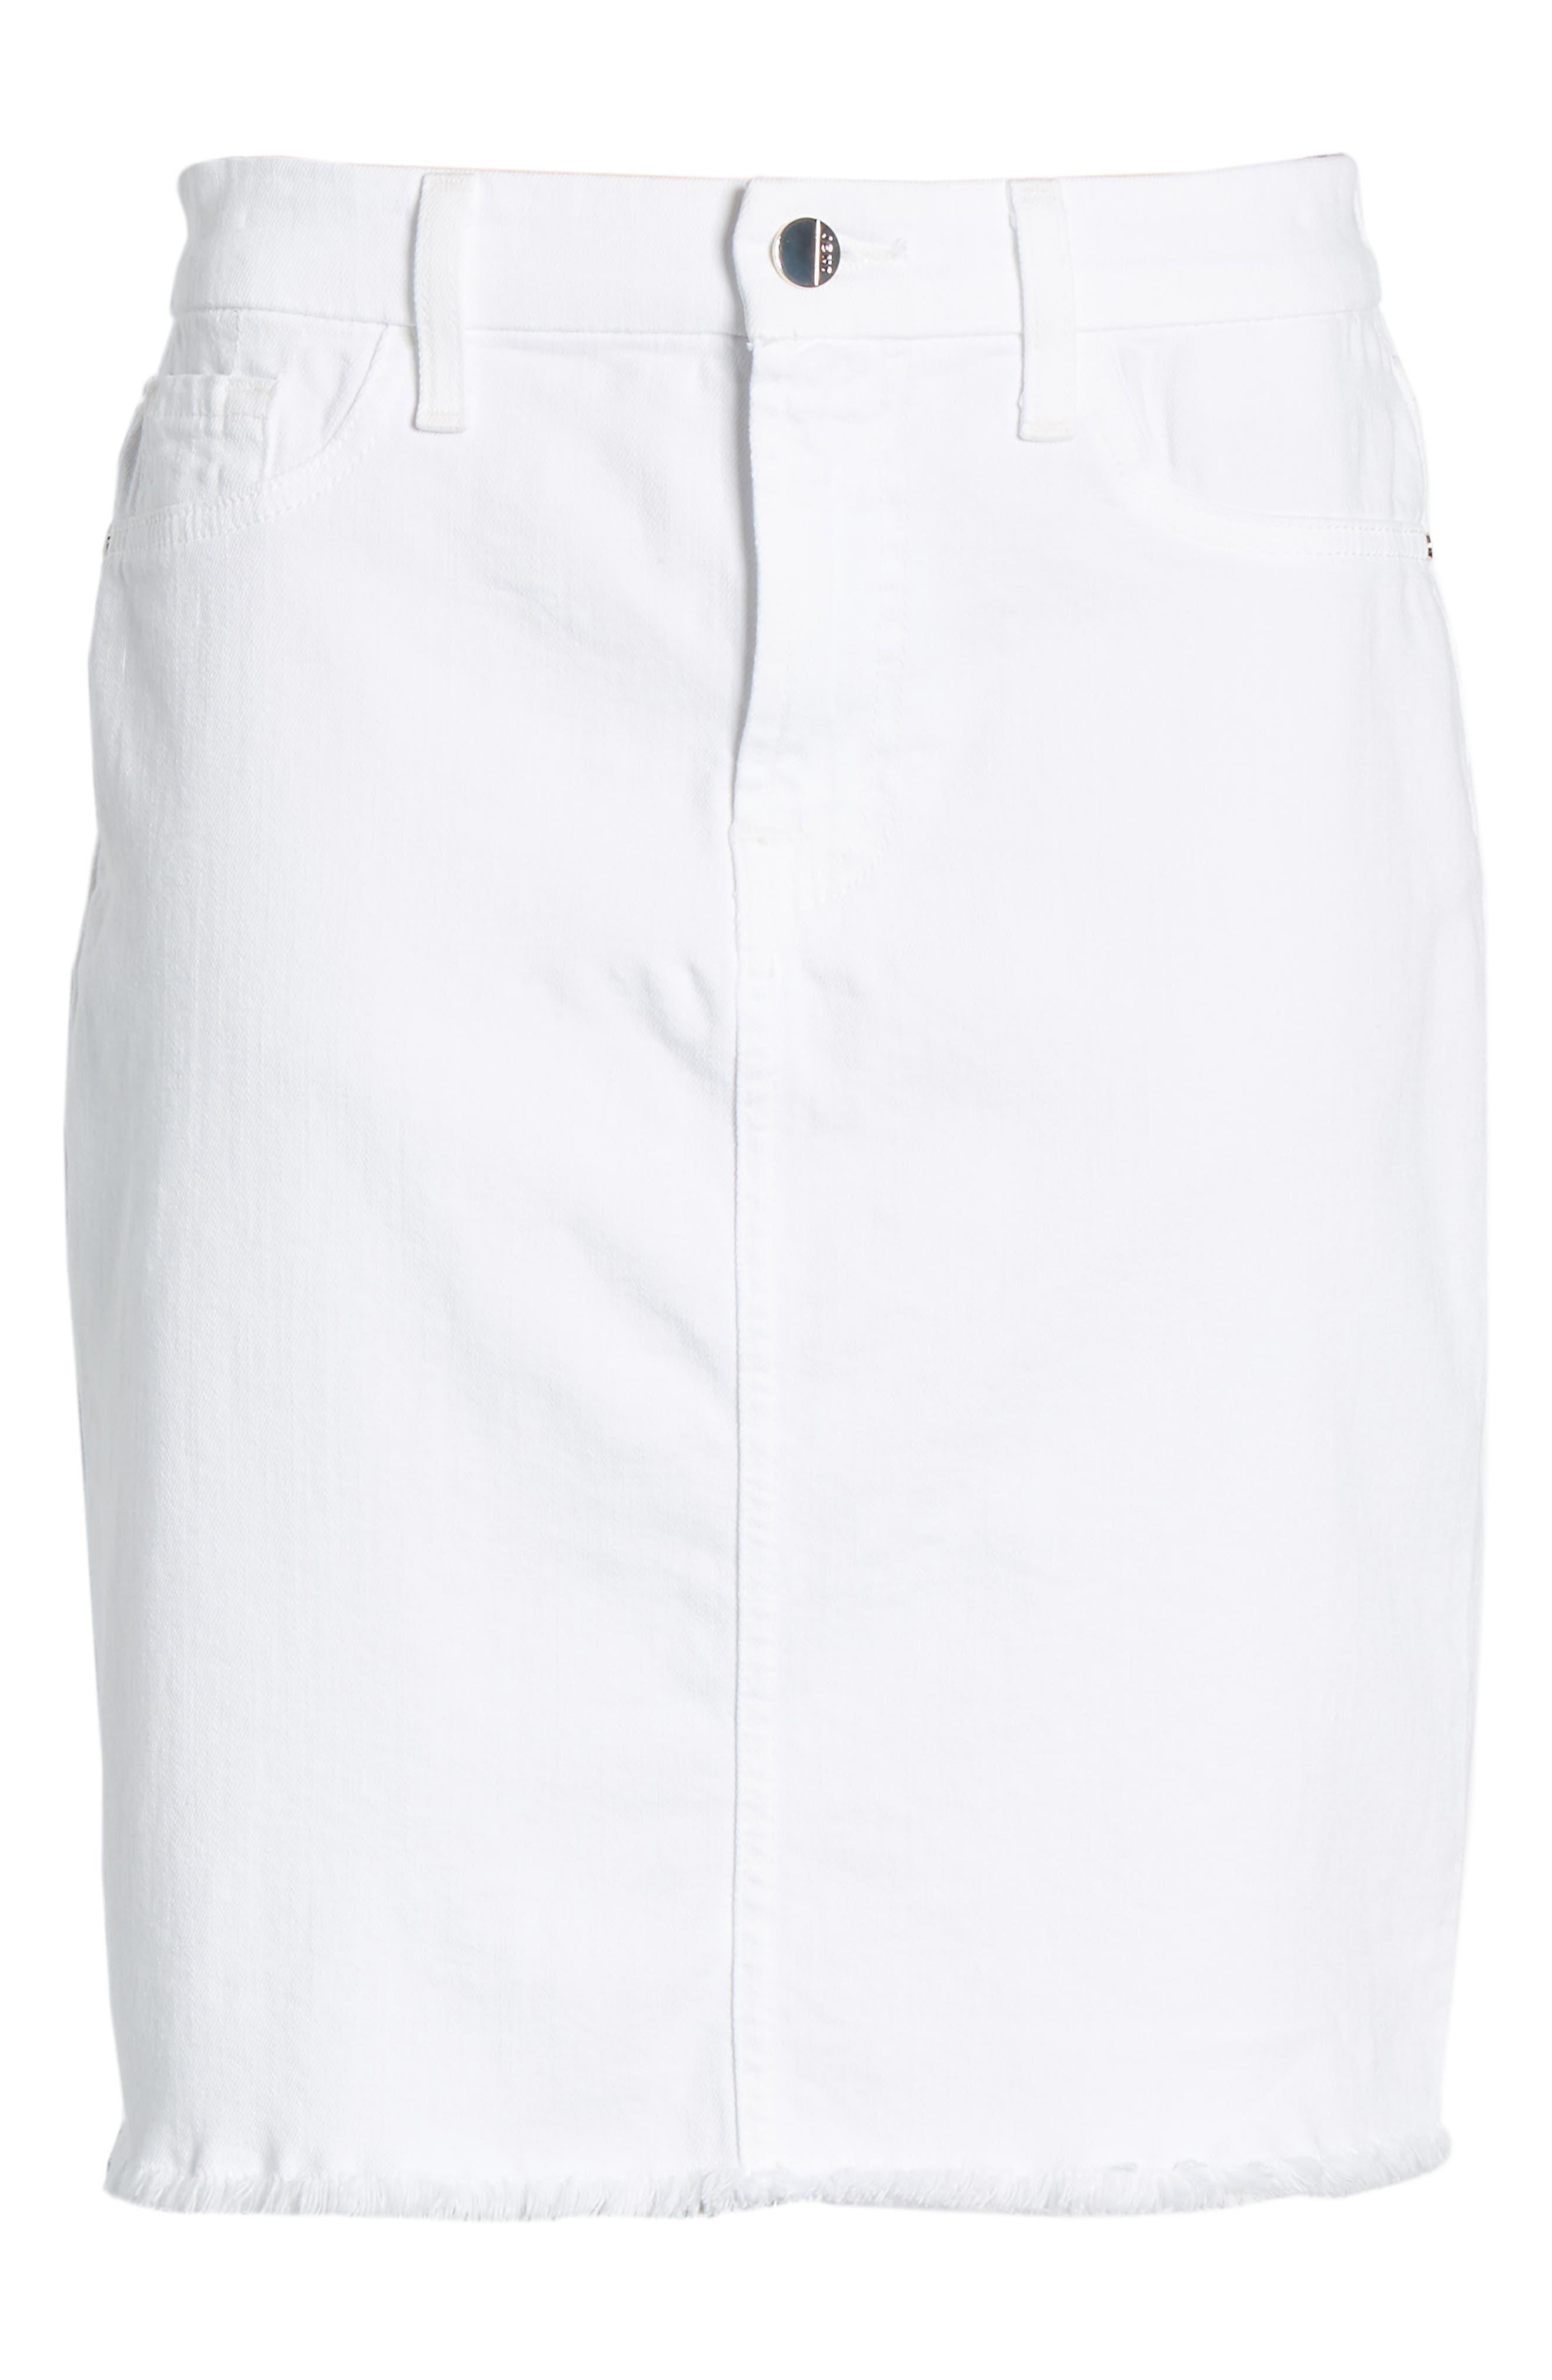 JEN7 BY 7 FOR ALL MANKIND, Frayed Hem Denim Pencil Skirt, Alternate thumbnail 7, color, WHITE